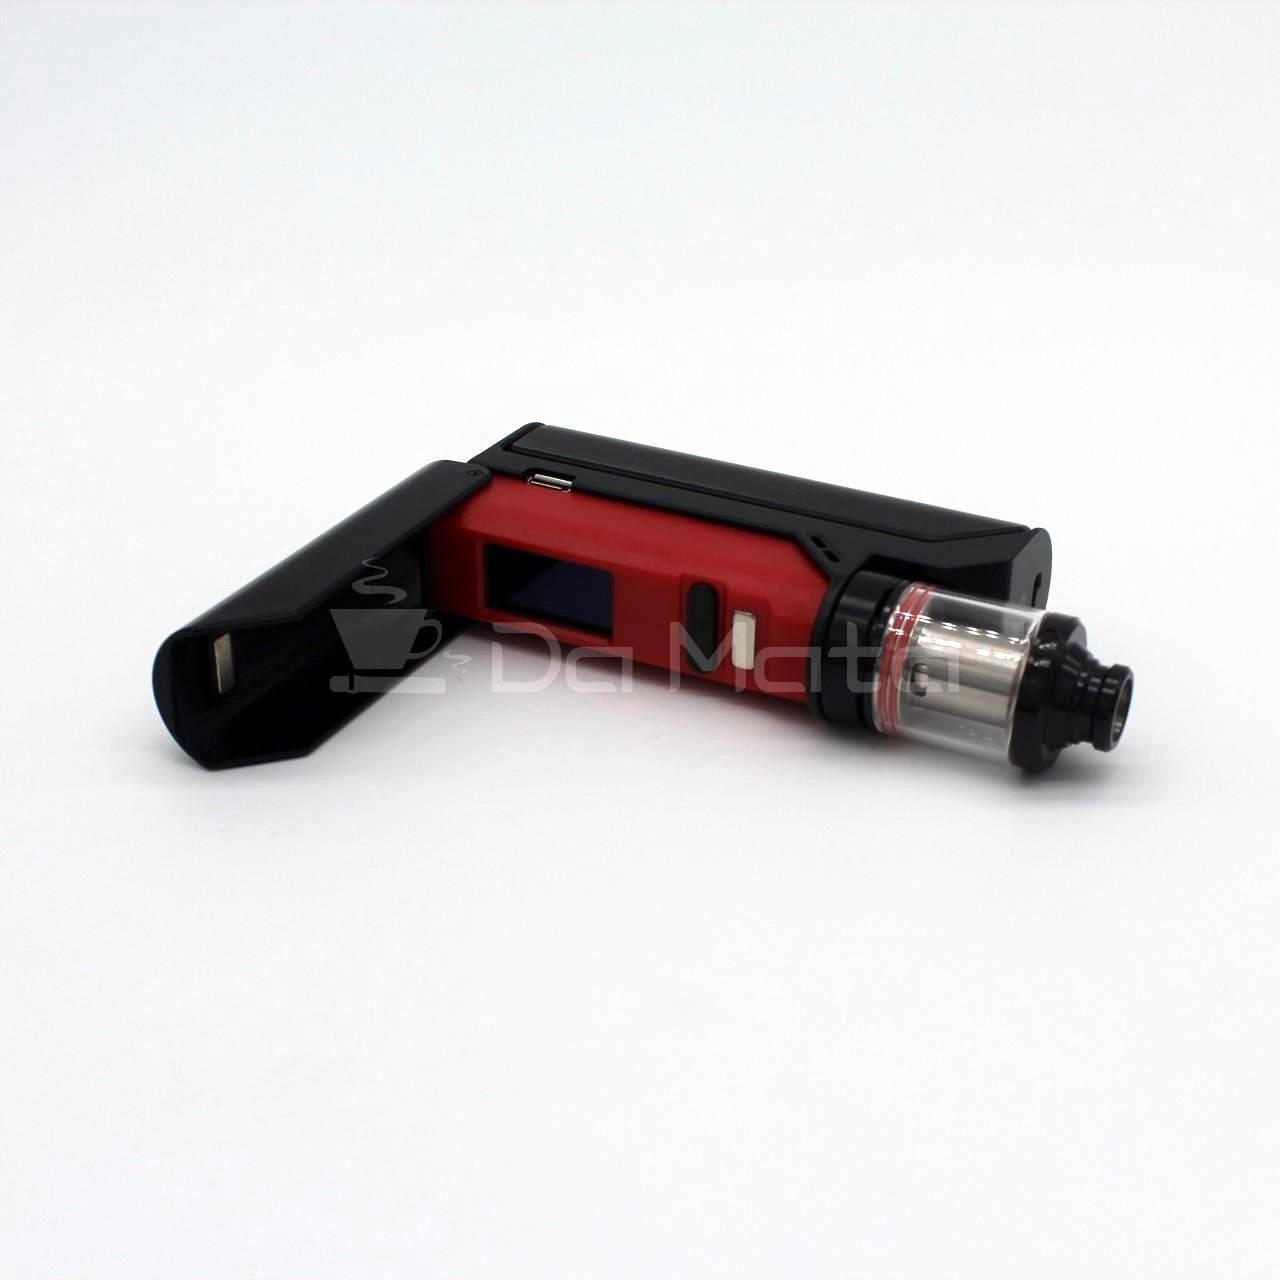 Vaporizador Wismec Reuleaux RX75